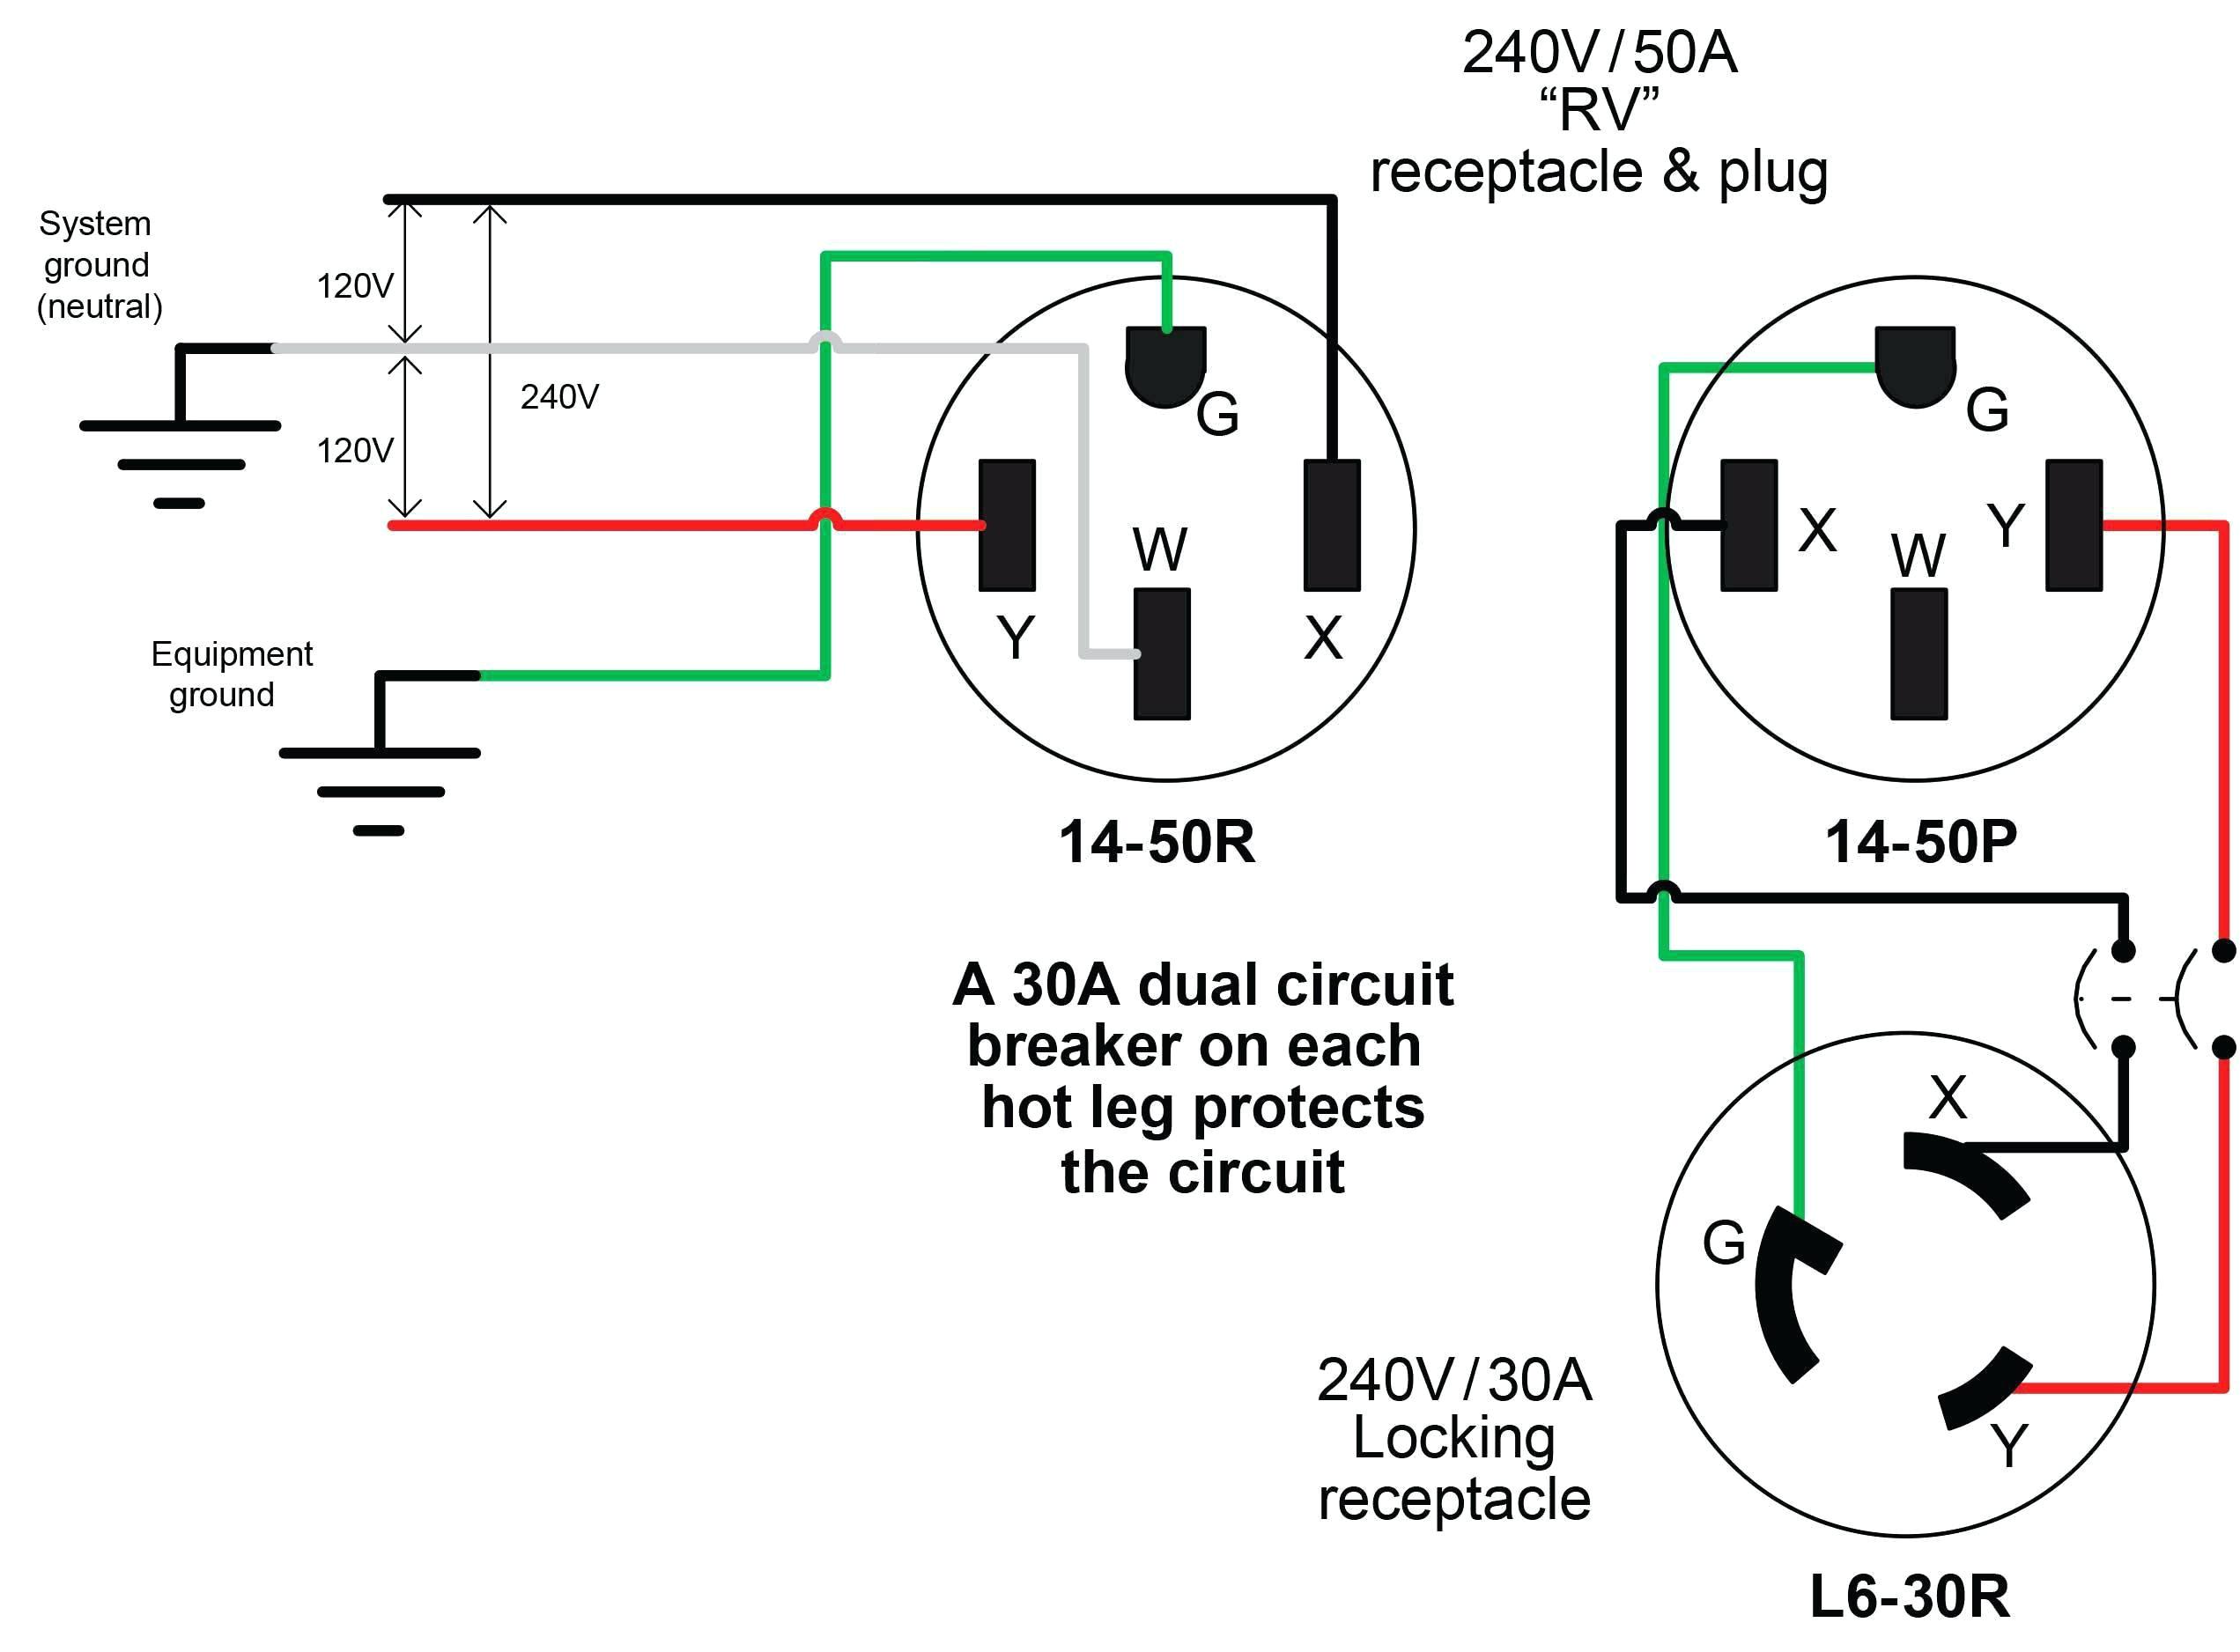 250v schematic wiring diagram wiring diagram expert nema plug wiring diagram free download schematic